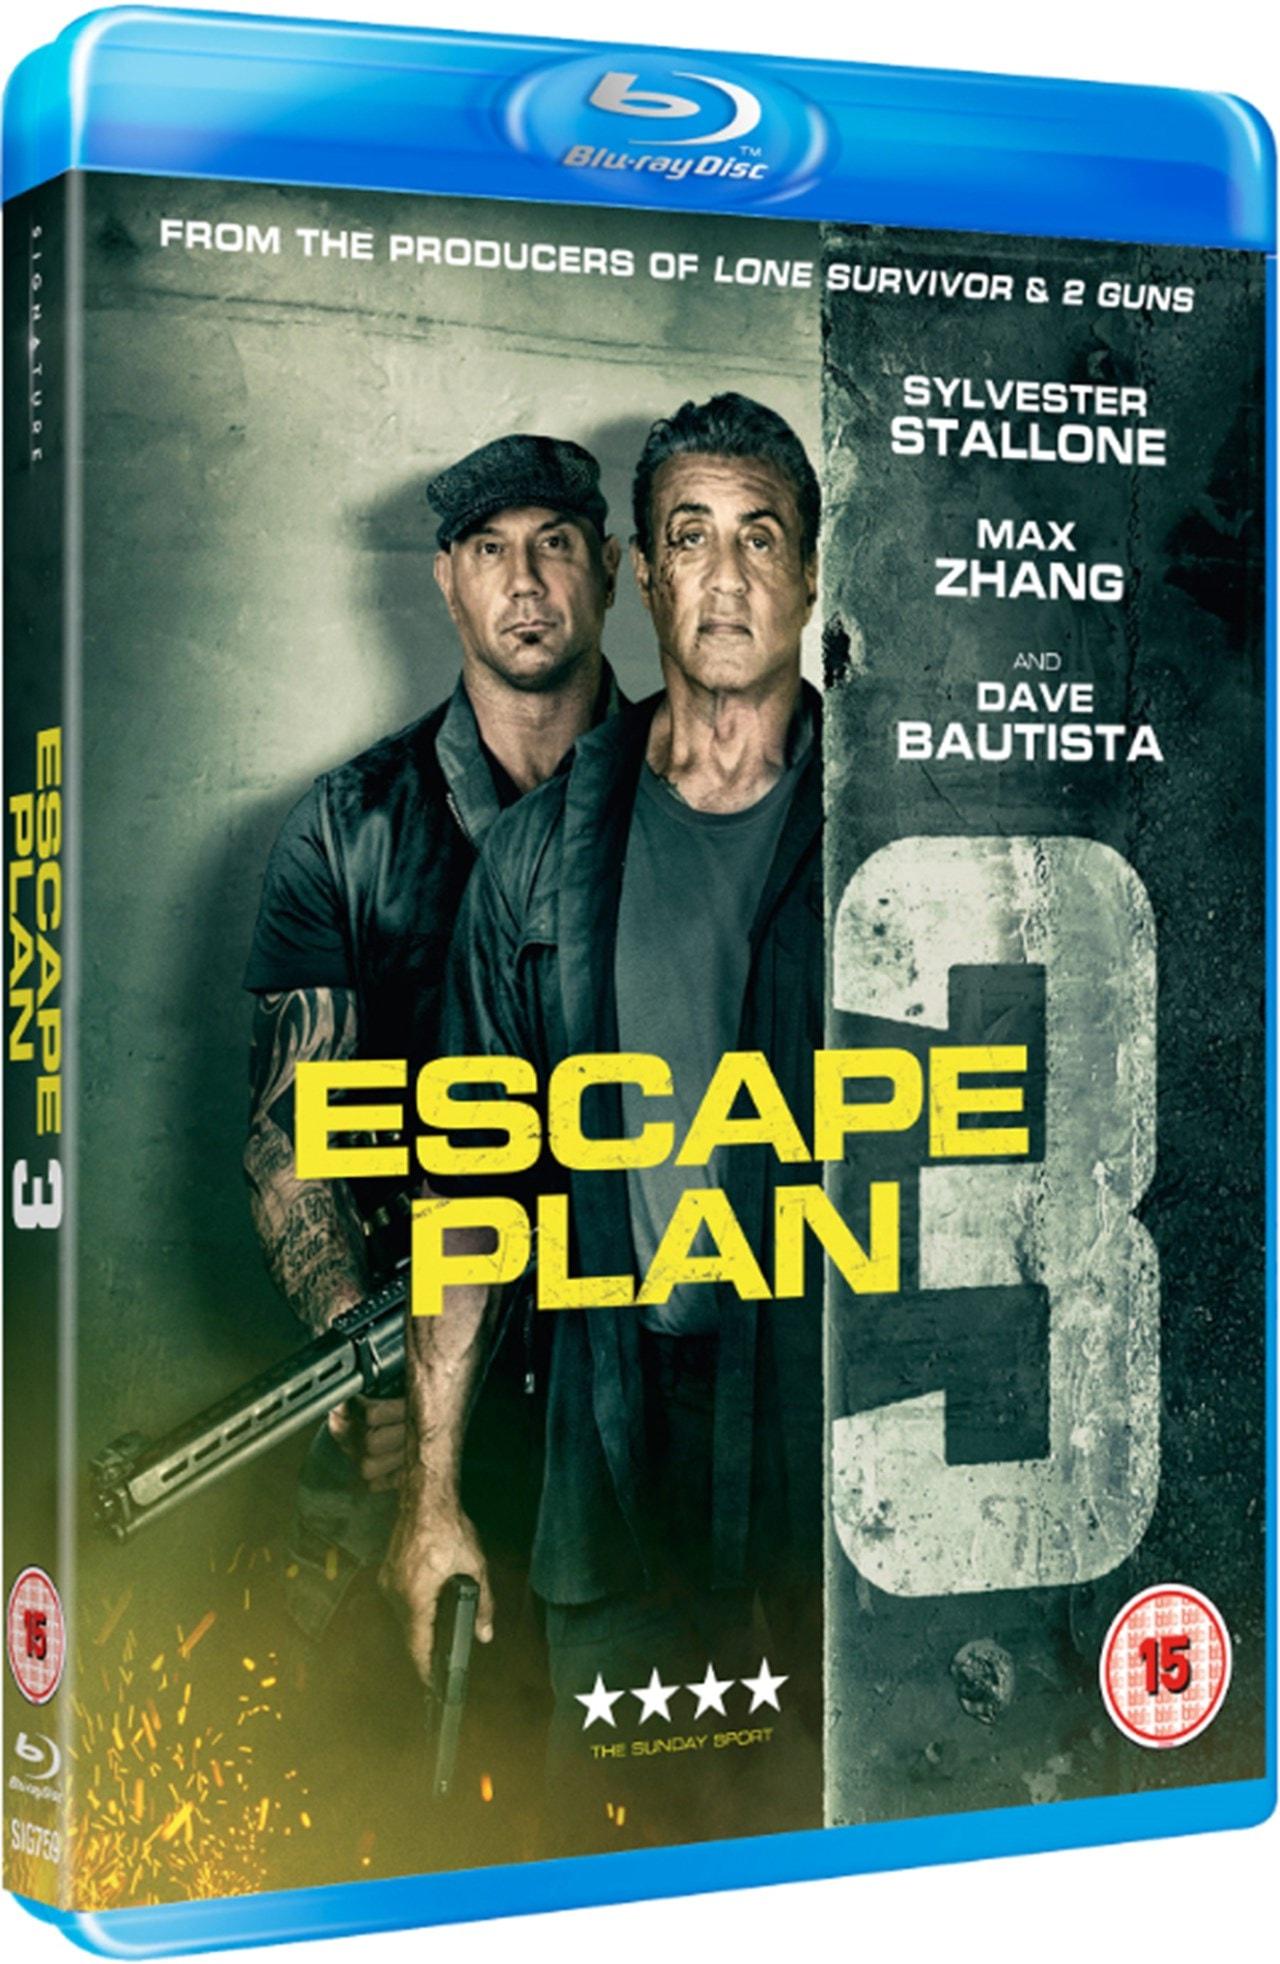 Escape Plan 3 - 2